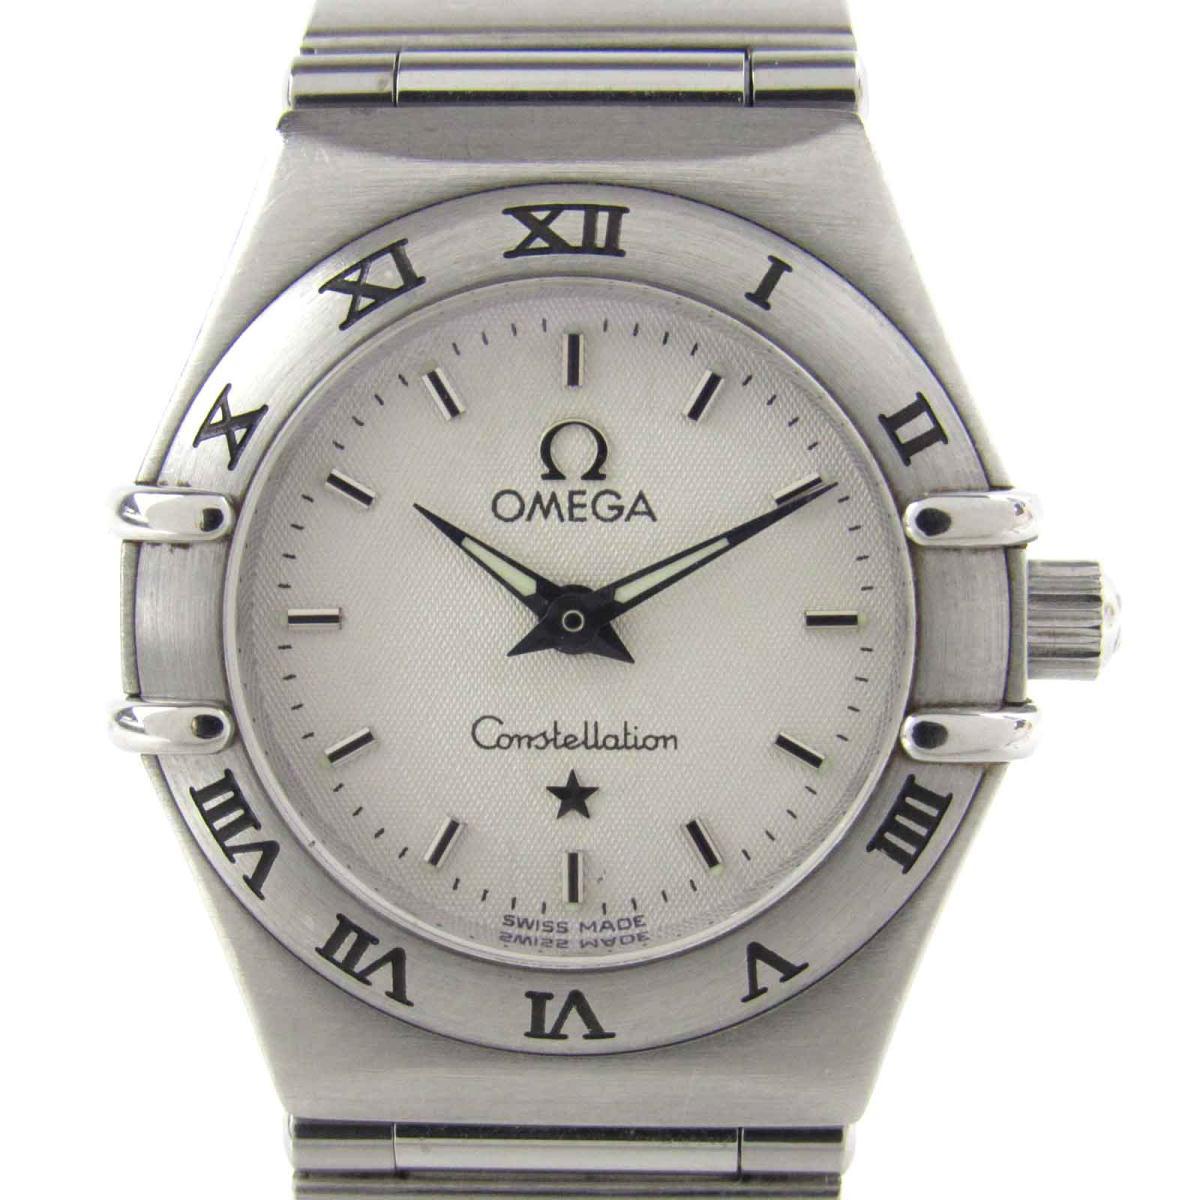 【中古】 オメガ コンステレーション ミニ 腕時計 ウォッチ レディース ステンレススチール (SS) (1562.30)   OMEGA コンステレーション ミニ 美品 BRANDOFF ブランドオフ